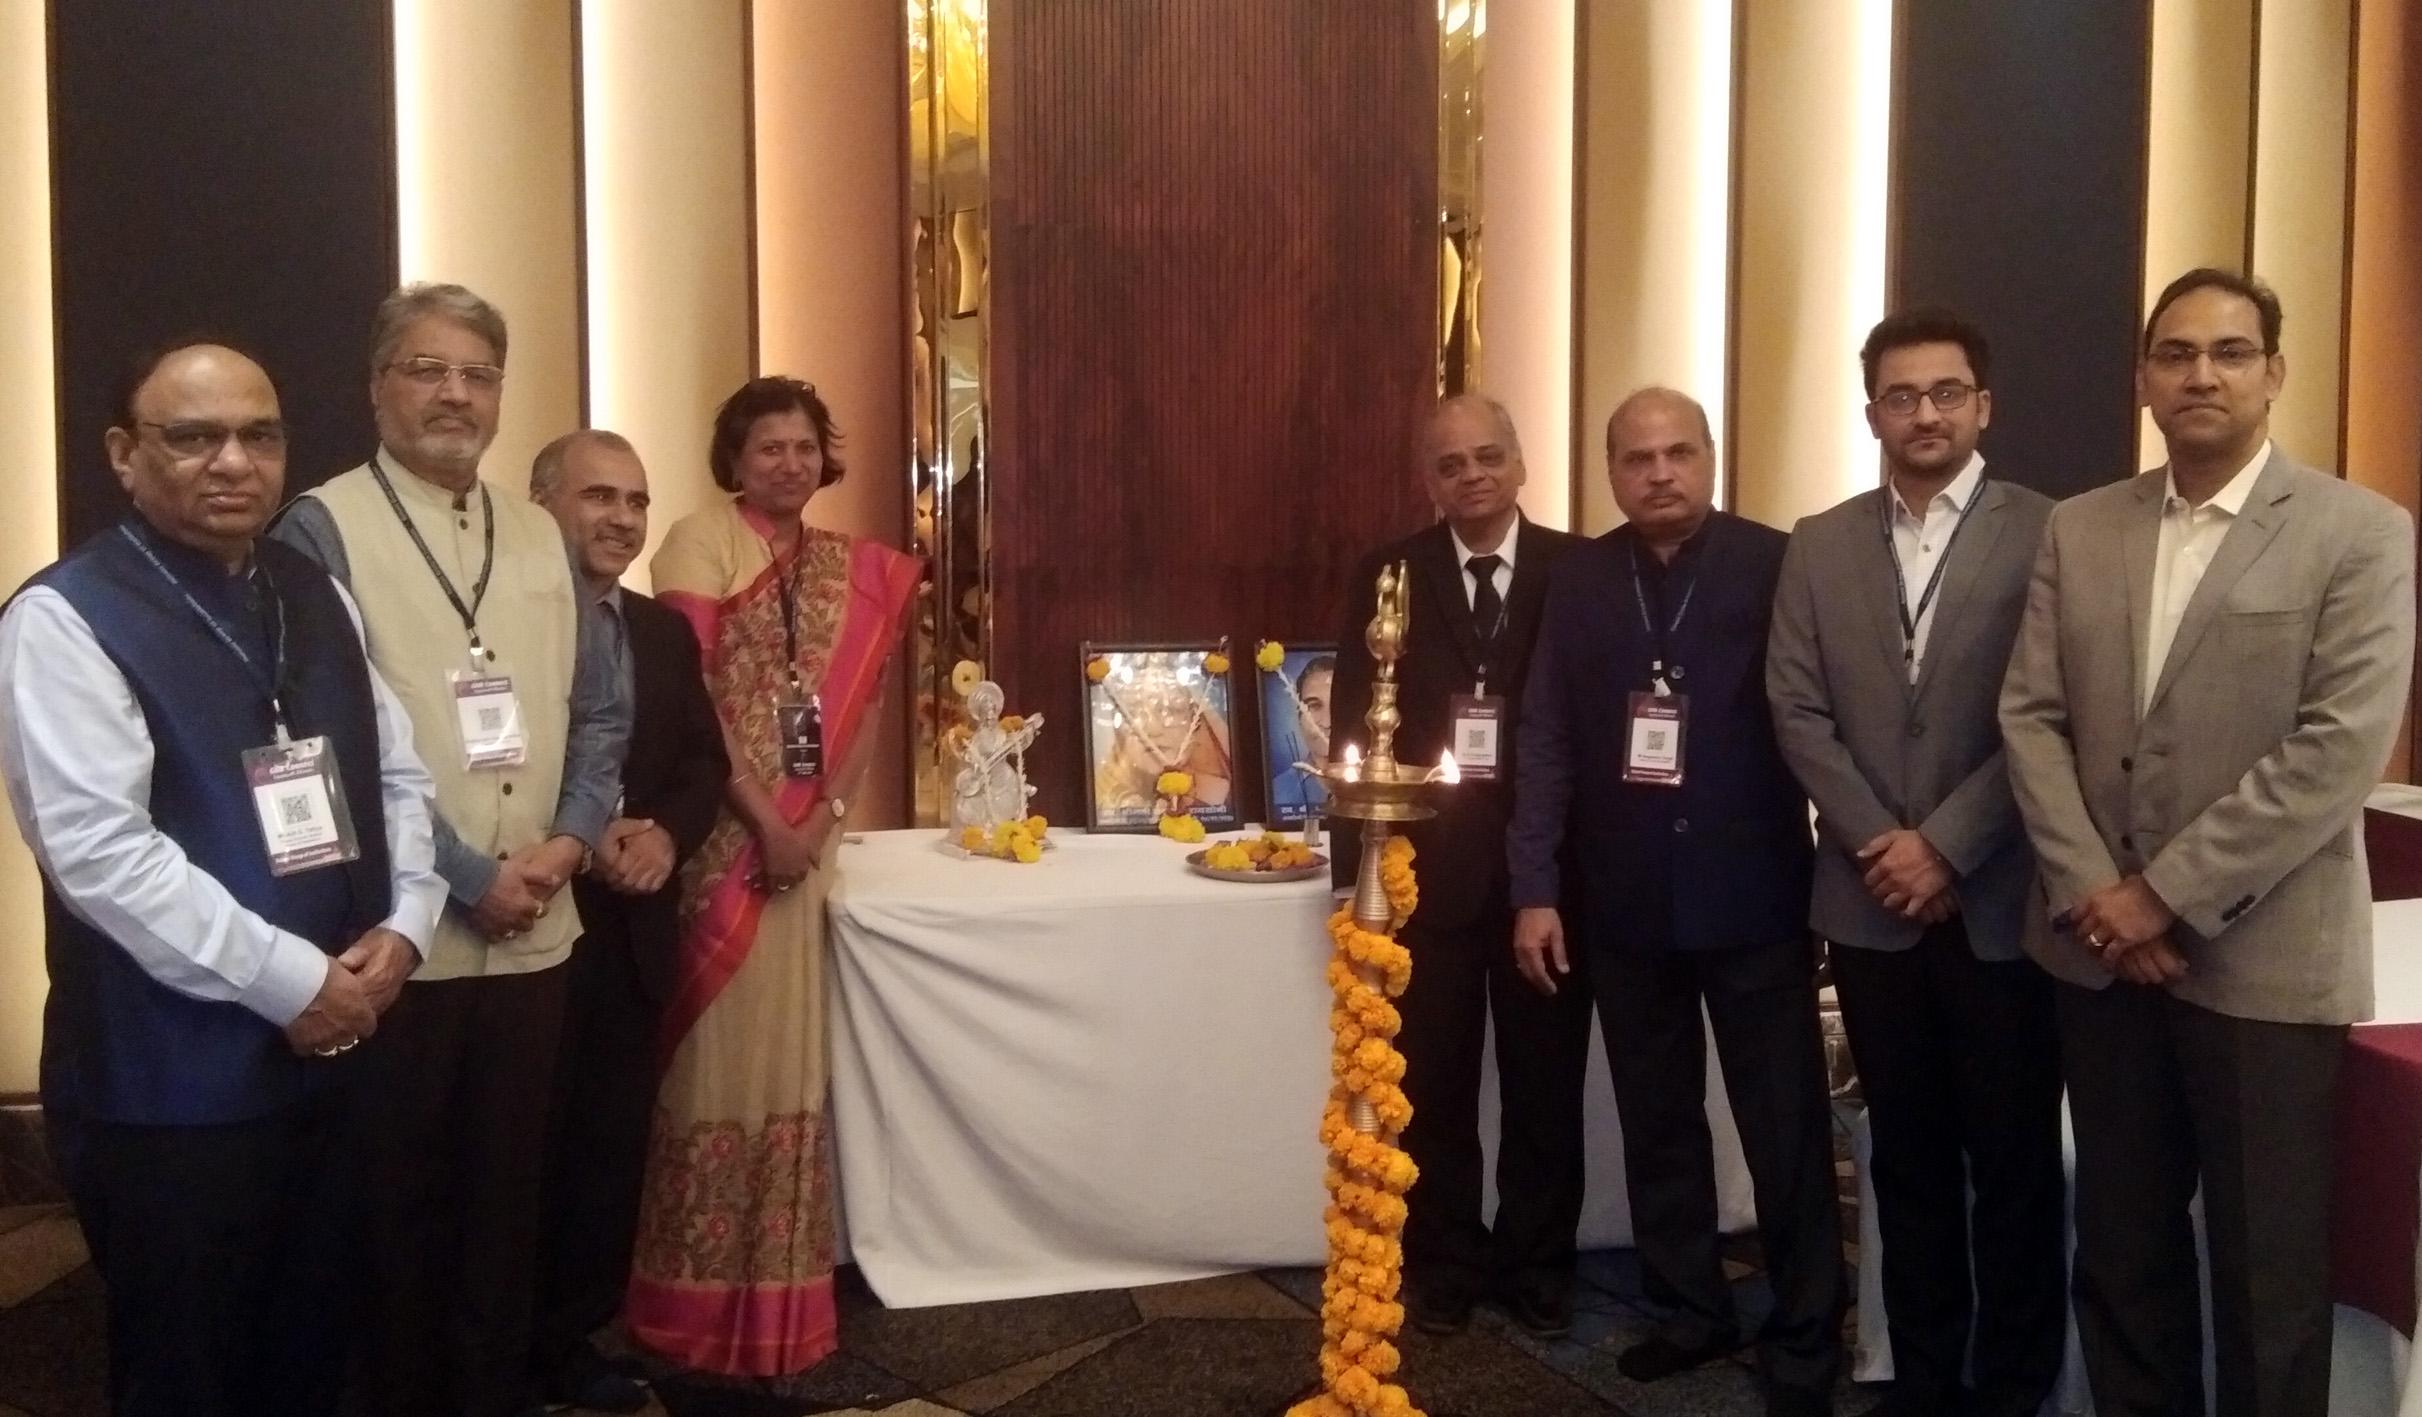 कुशल मनुष्यबळासाठी उद्योगांनी घ्यावा पुढाकार-डॉ. रघुनाथ शेवगावकर